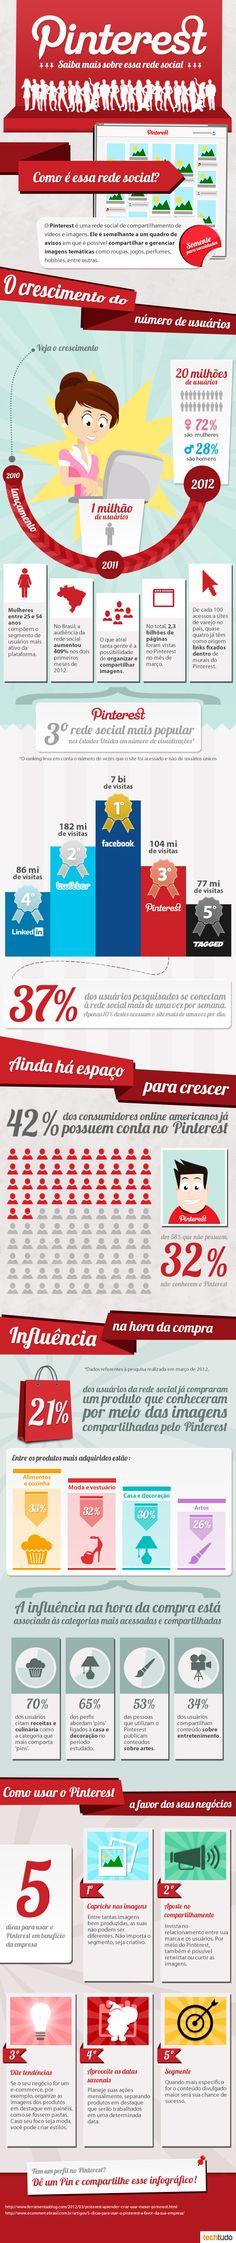 Confira mais um infográfico do TechTudo, dessa vez, é a rede social Pinterest que ganha números interessantes, você já conhece o Pinterest? Não? Então confira: